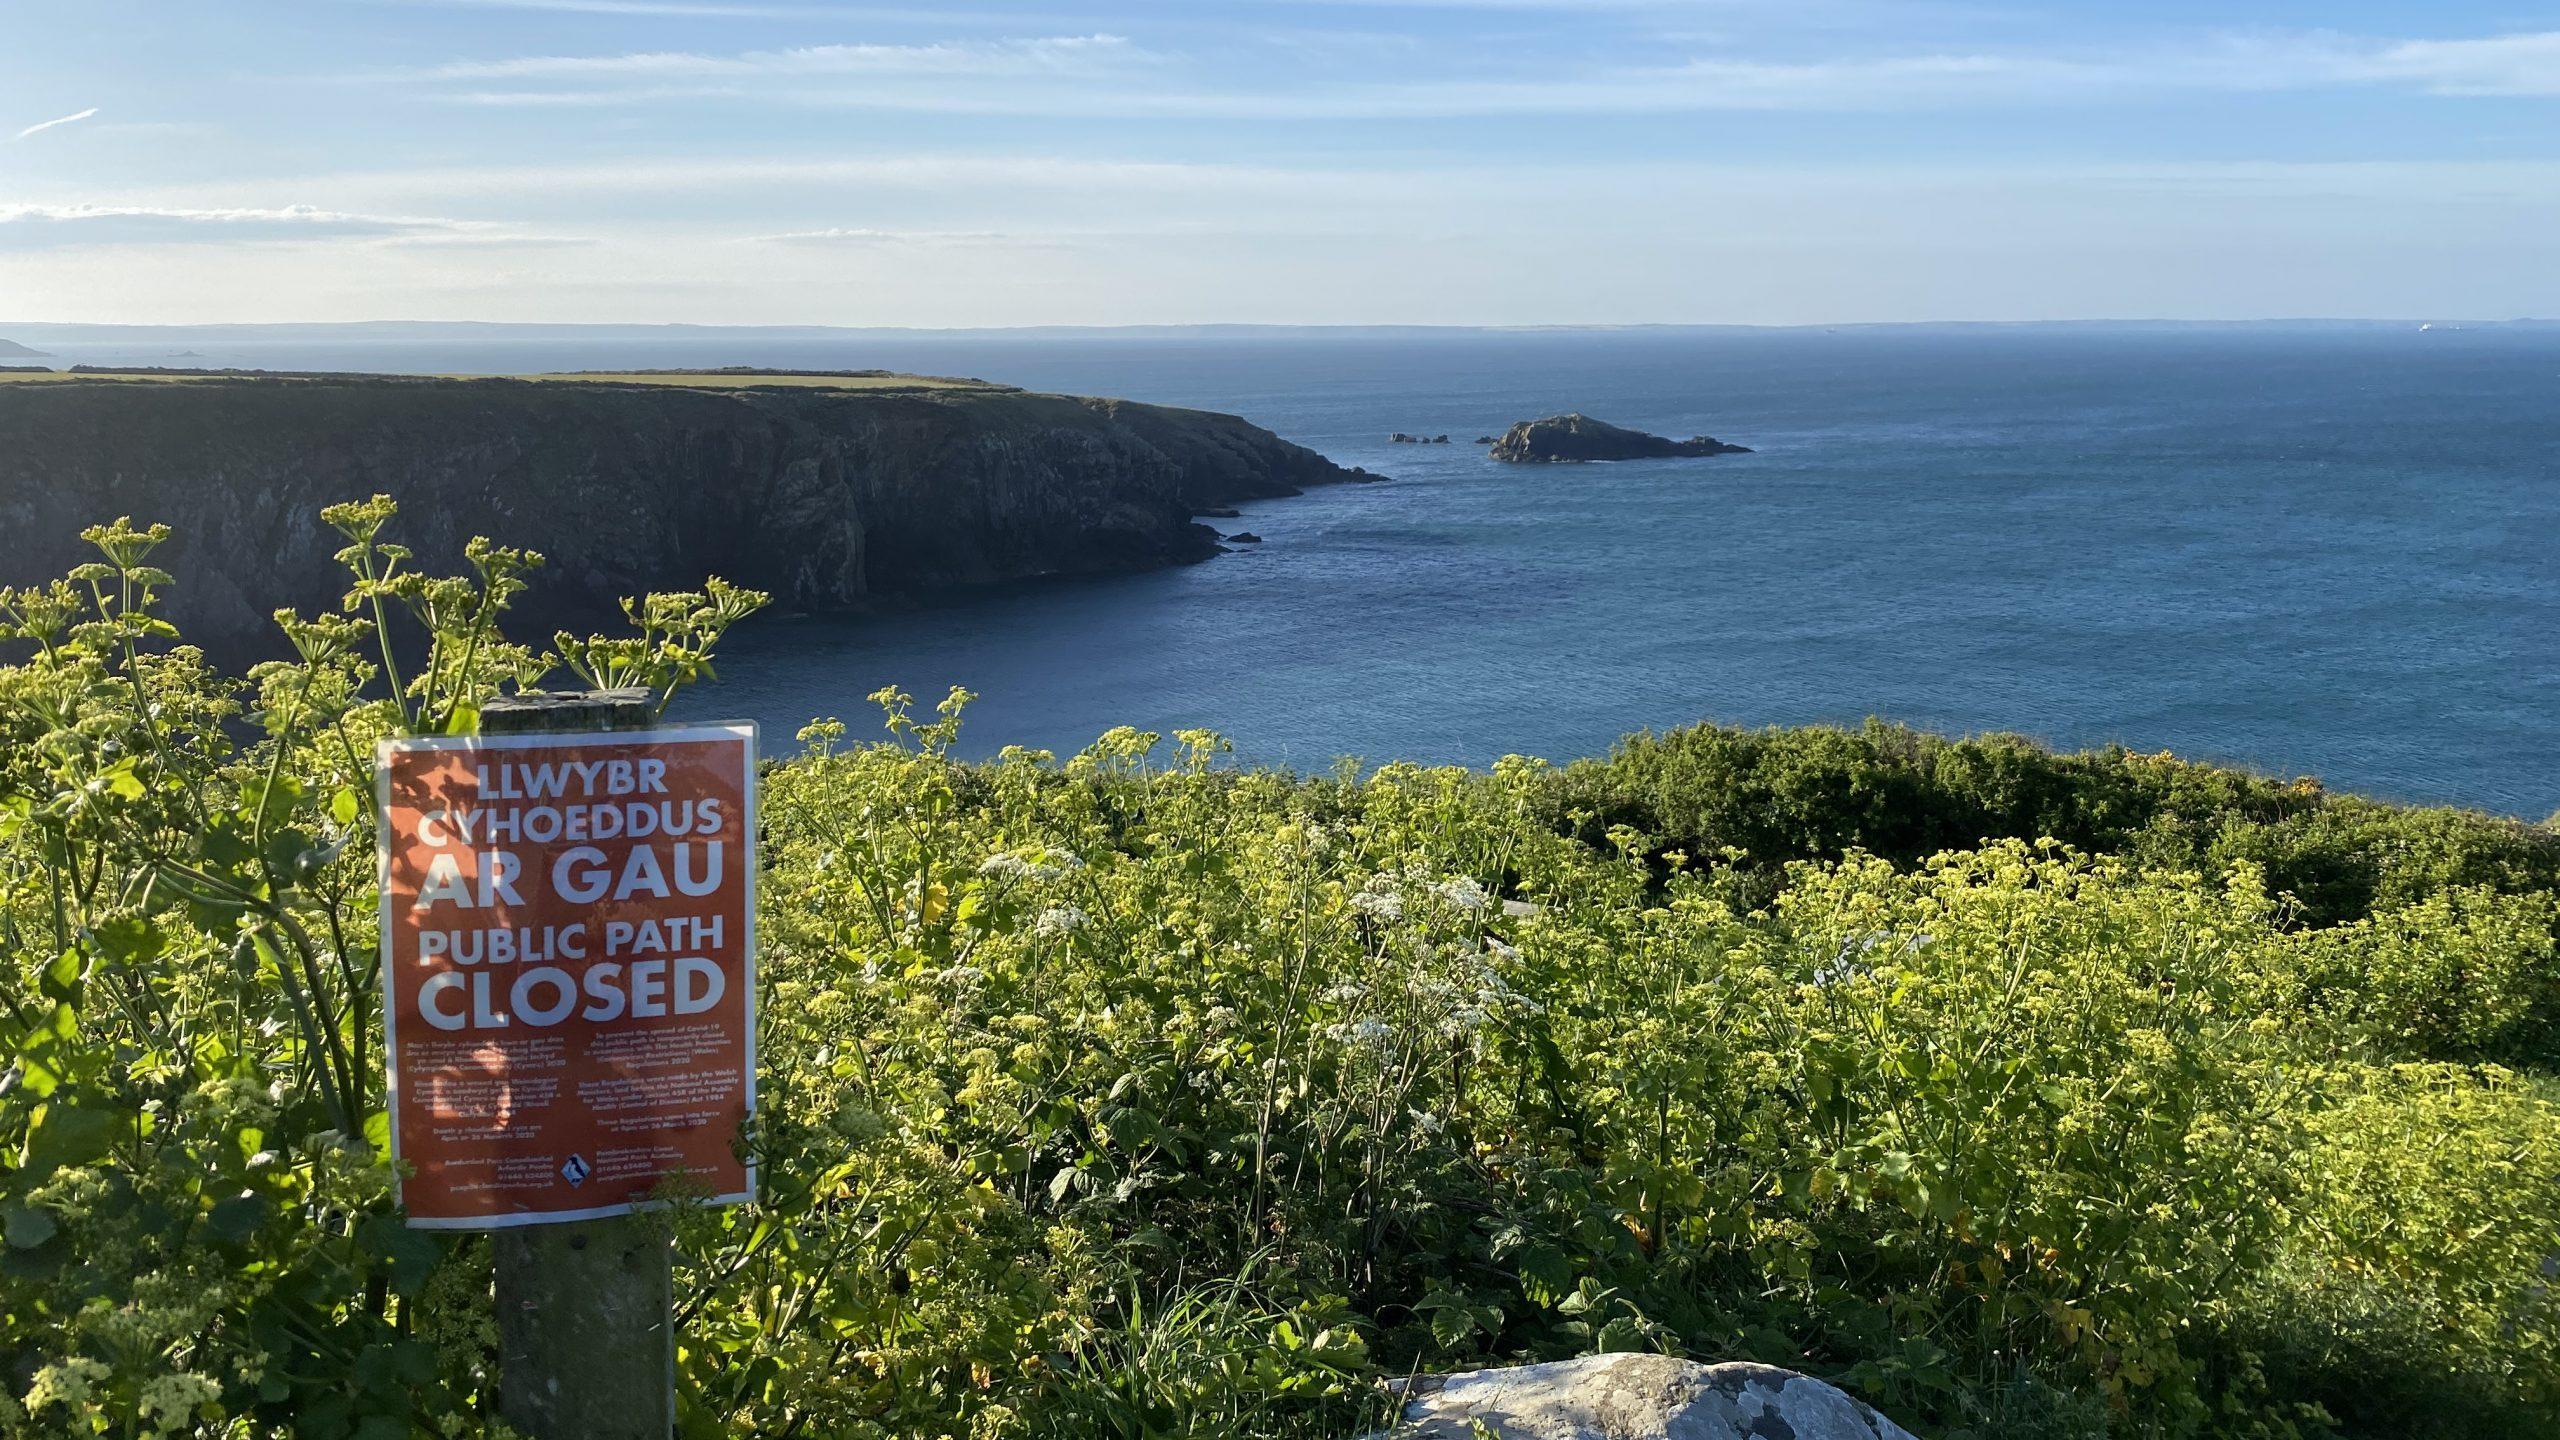 Path closure sign at Caerfai